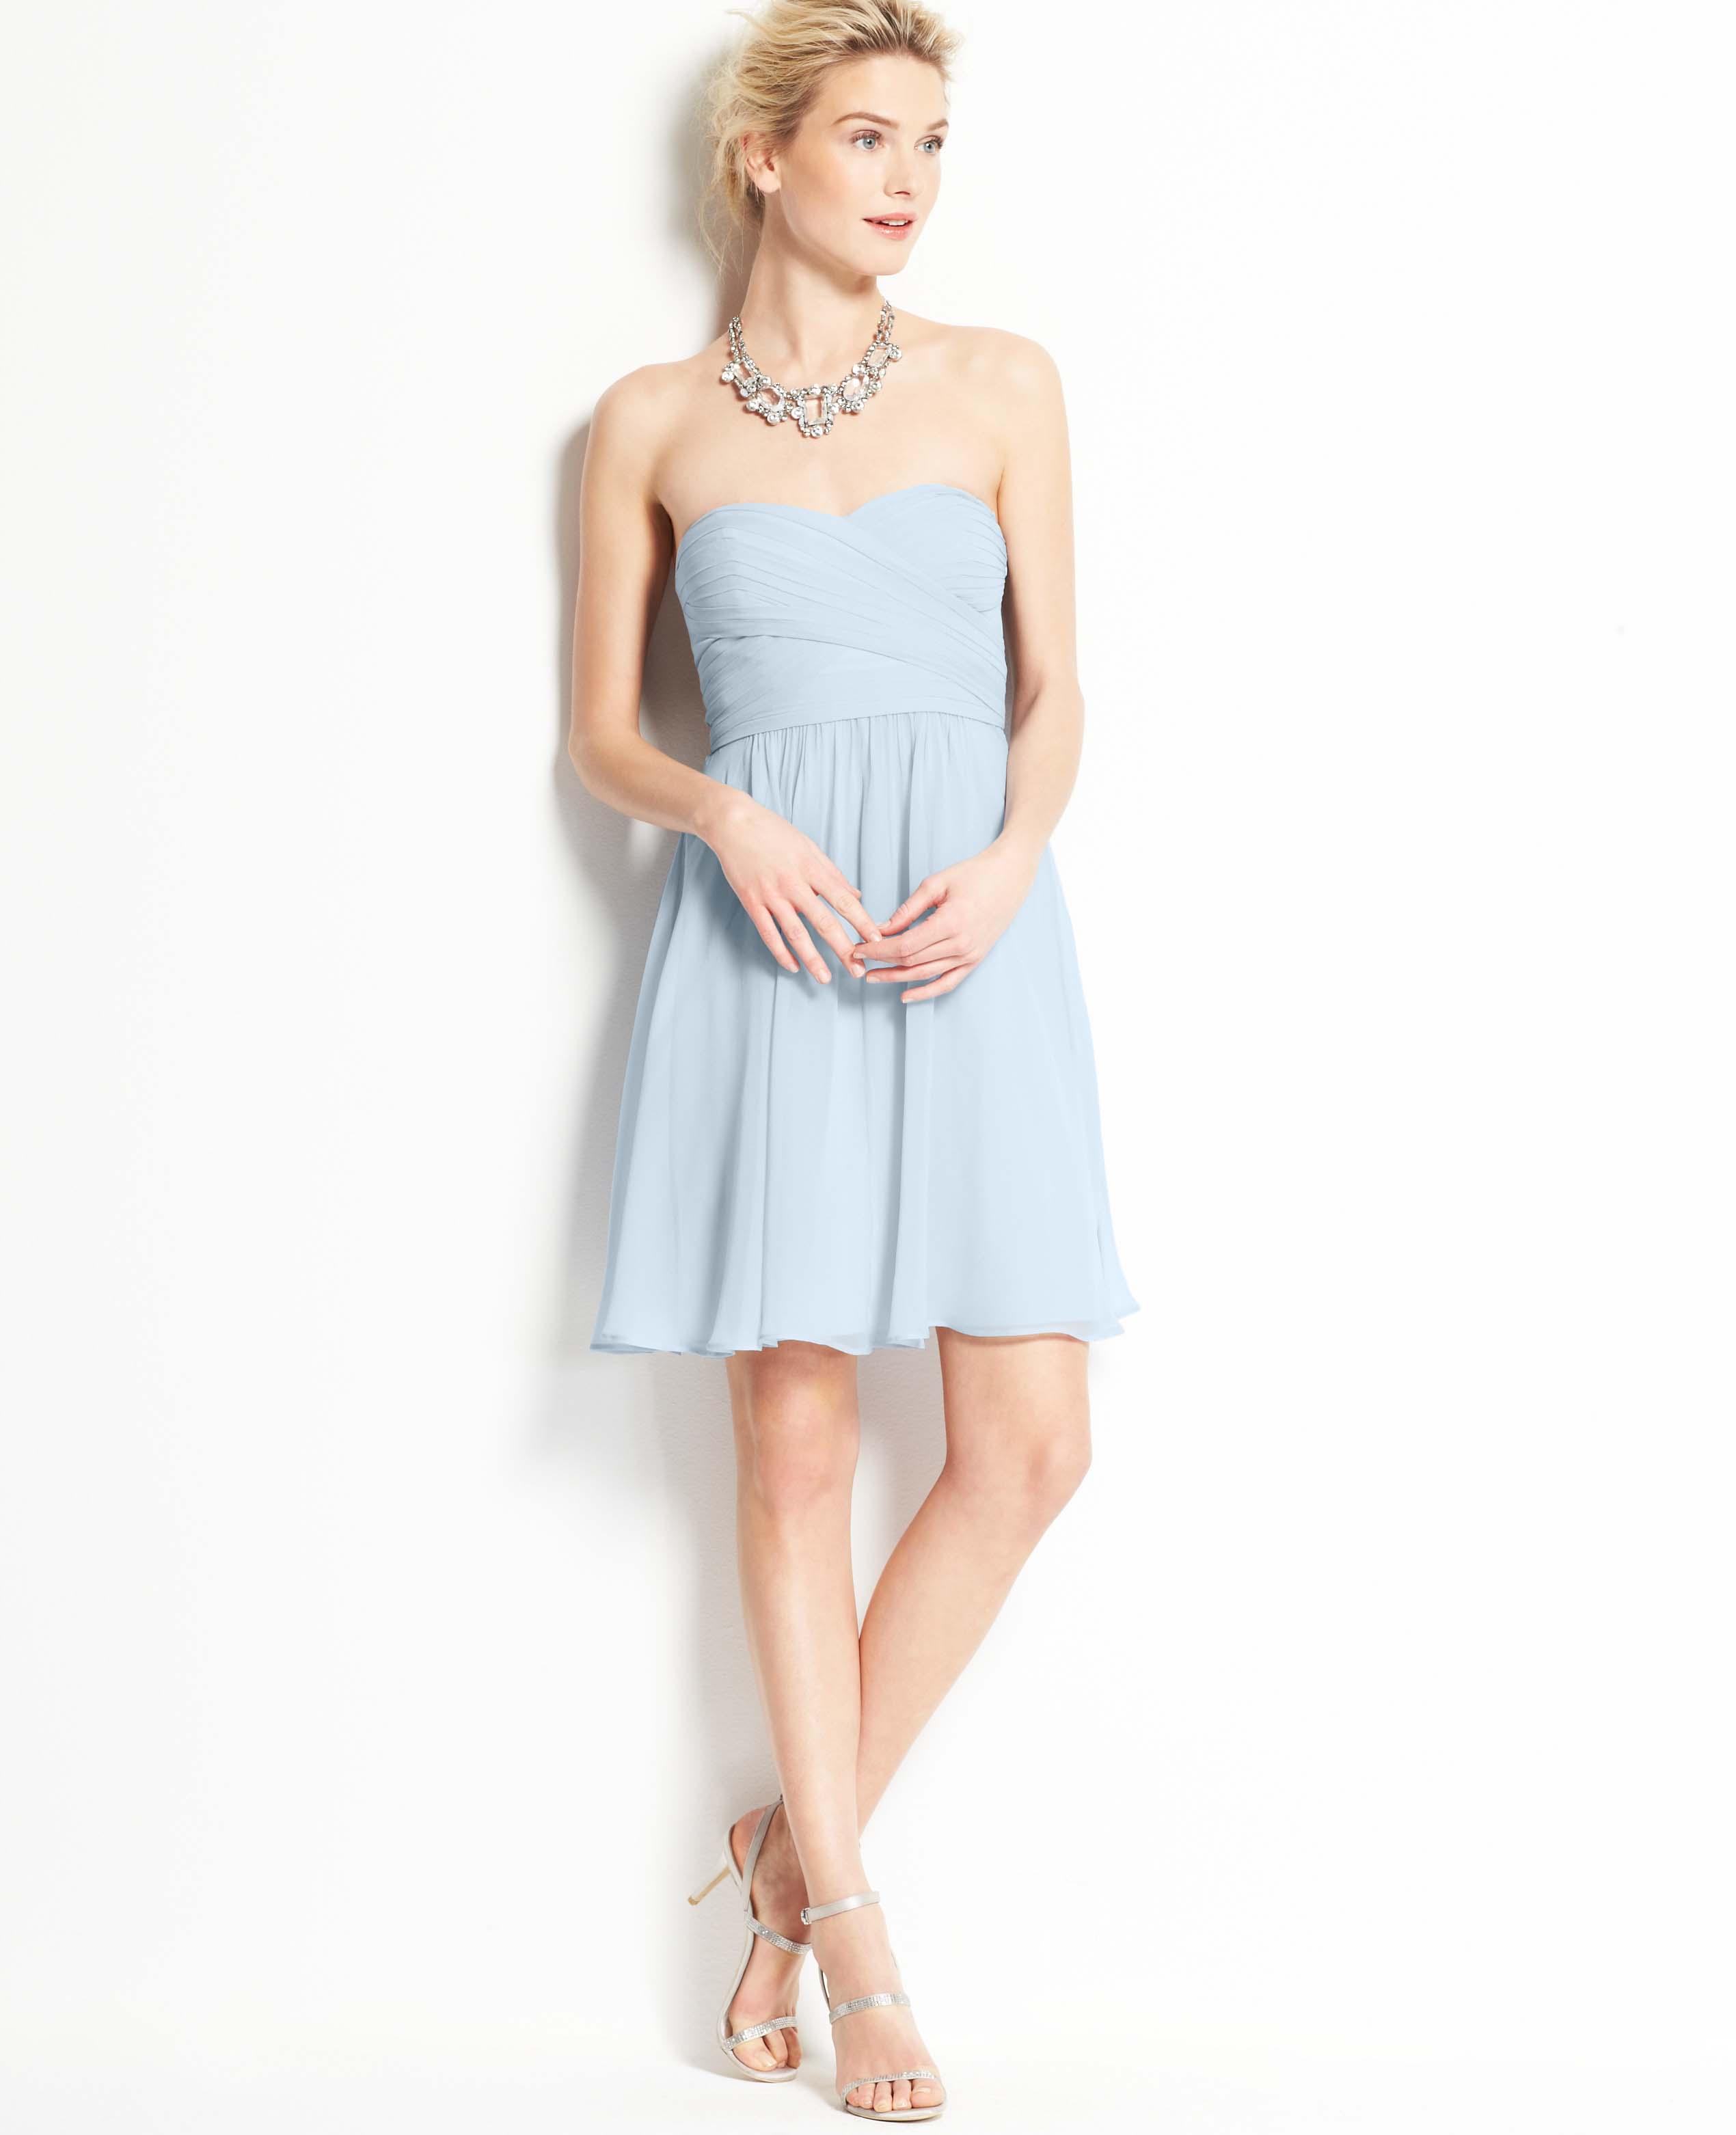 Ann taylor silk georgette strapless dress in blue for Silk georgette wedding dress